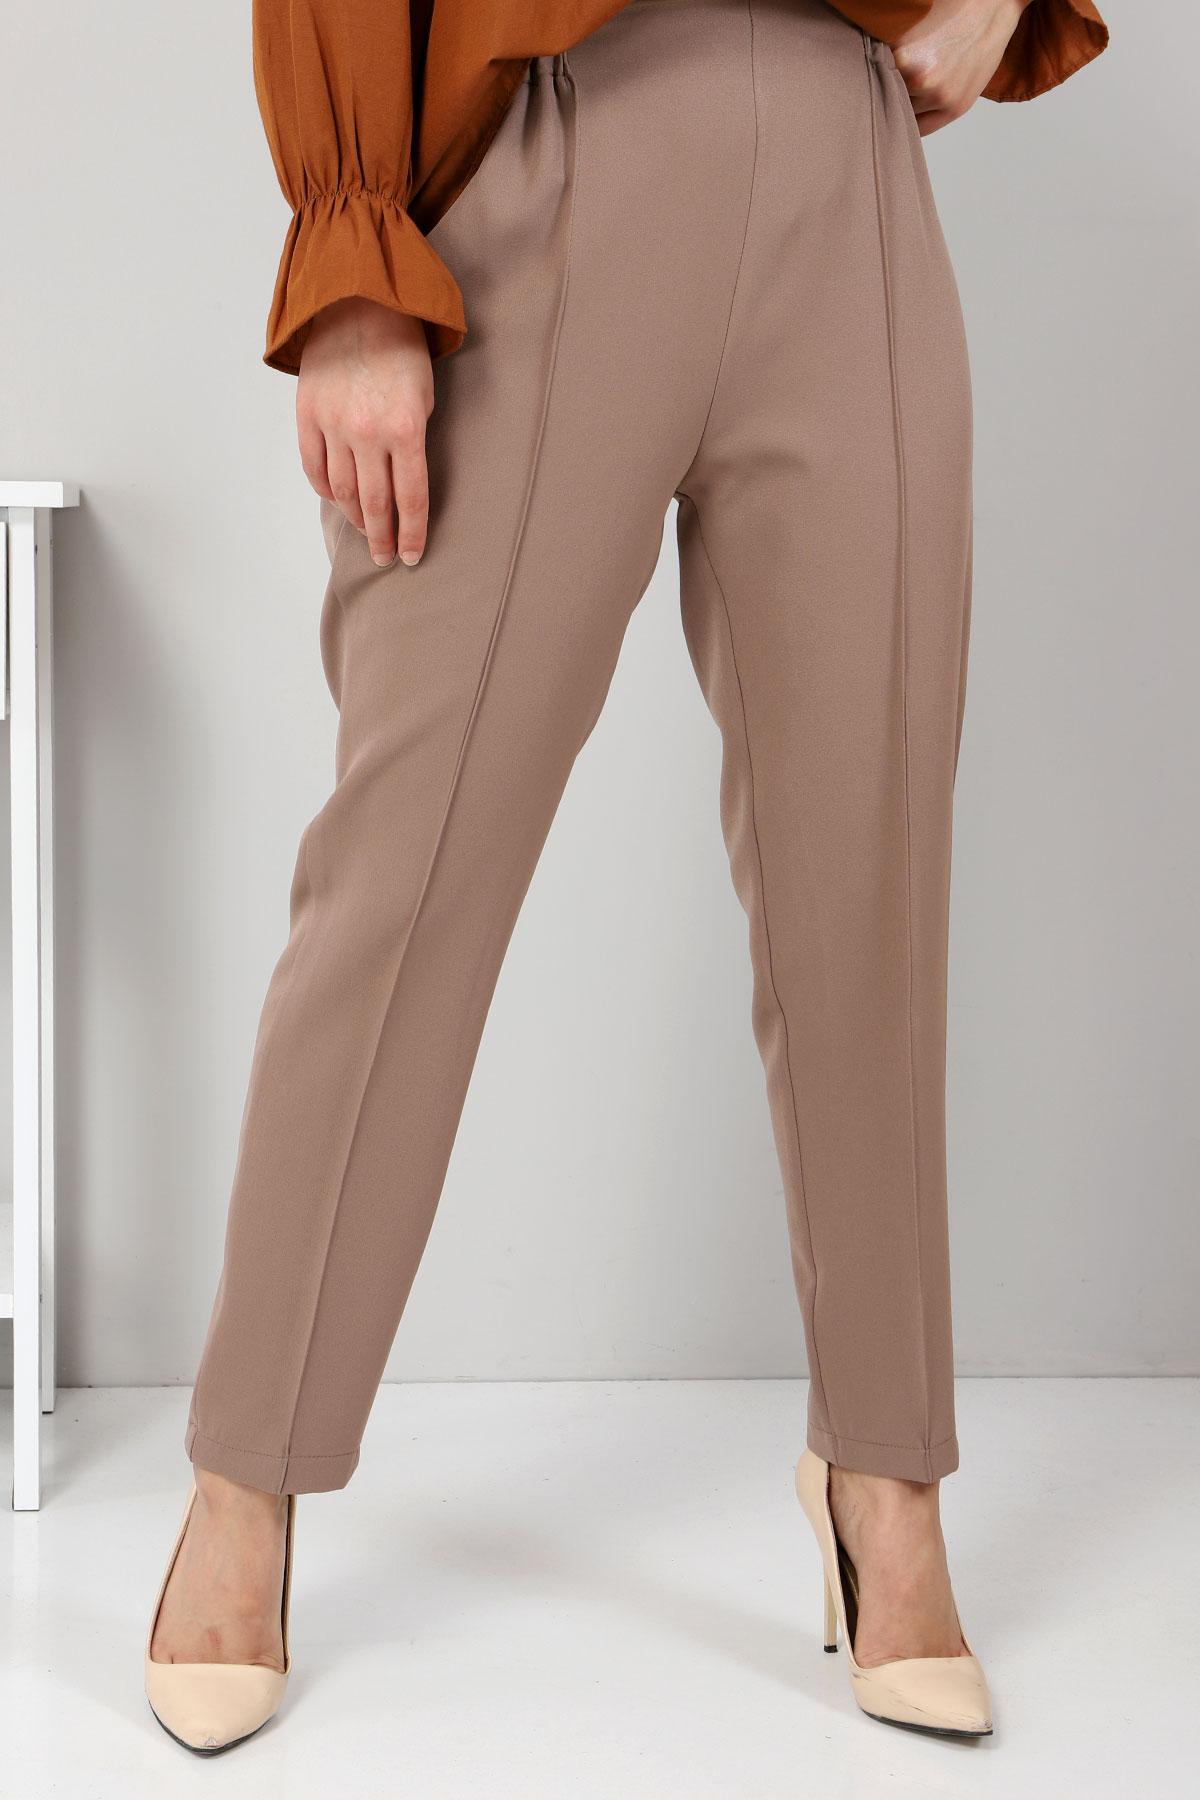 Beli Lastikli Pantolon TSD9905 Vizon